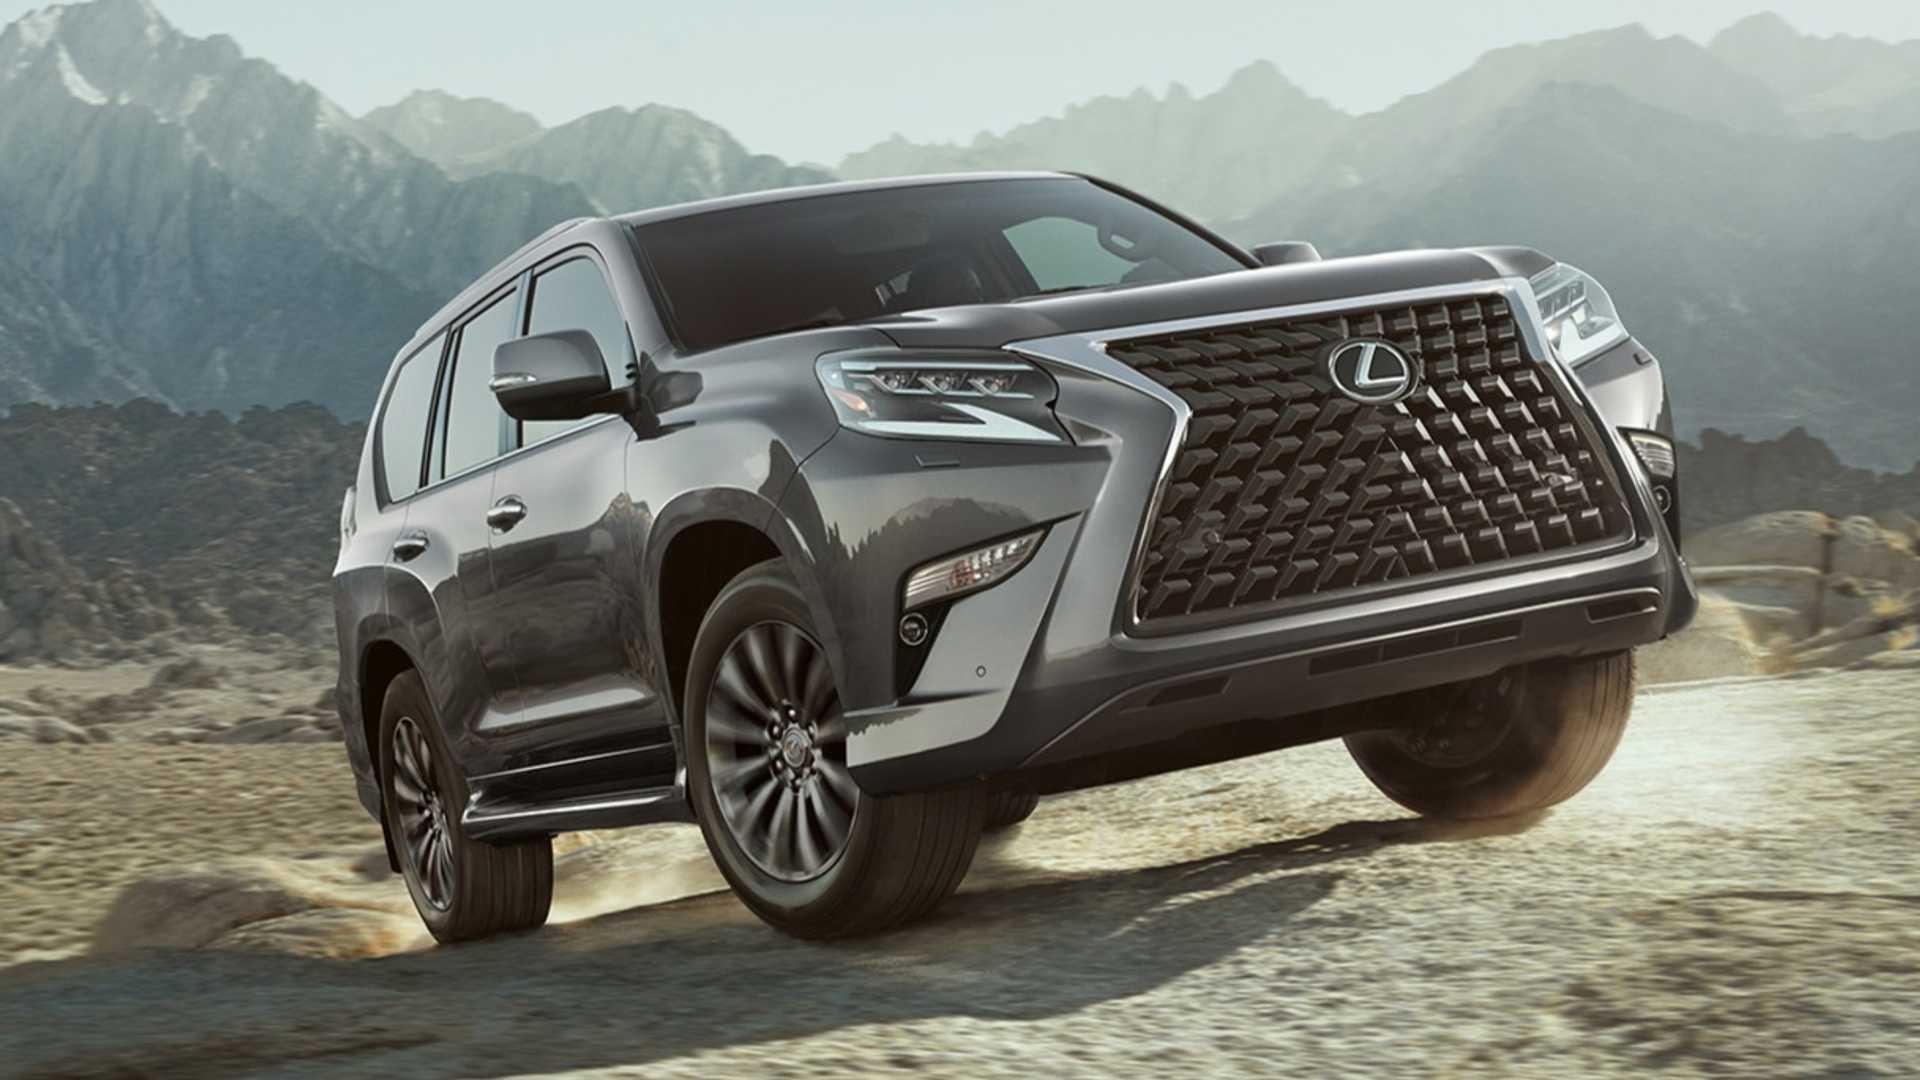 Lexus GX 2020 lộ diện, lưới tản nhiệt siêu lớn, tăng khả năng off-road Ảnh 1